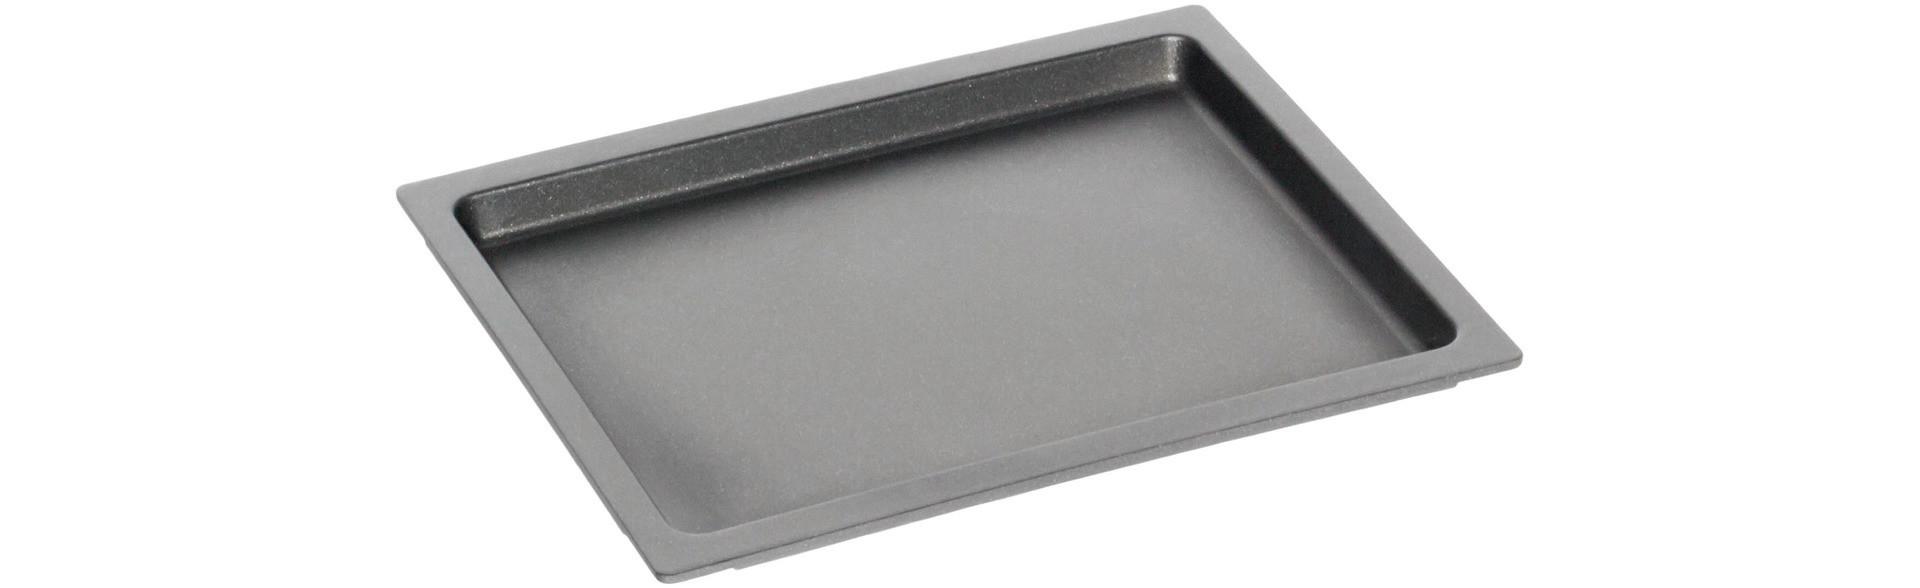 GN-Bratplatte GN 2/3 BBQ-Grillboden 0,10 l / 370 x 330 x 20 mm